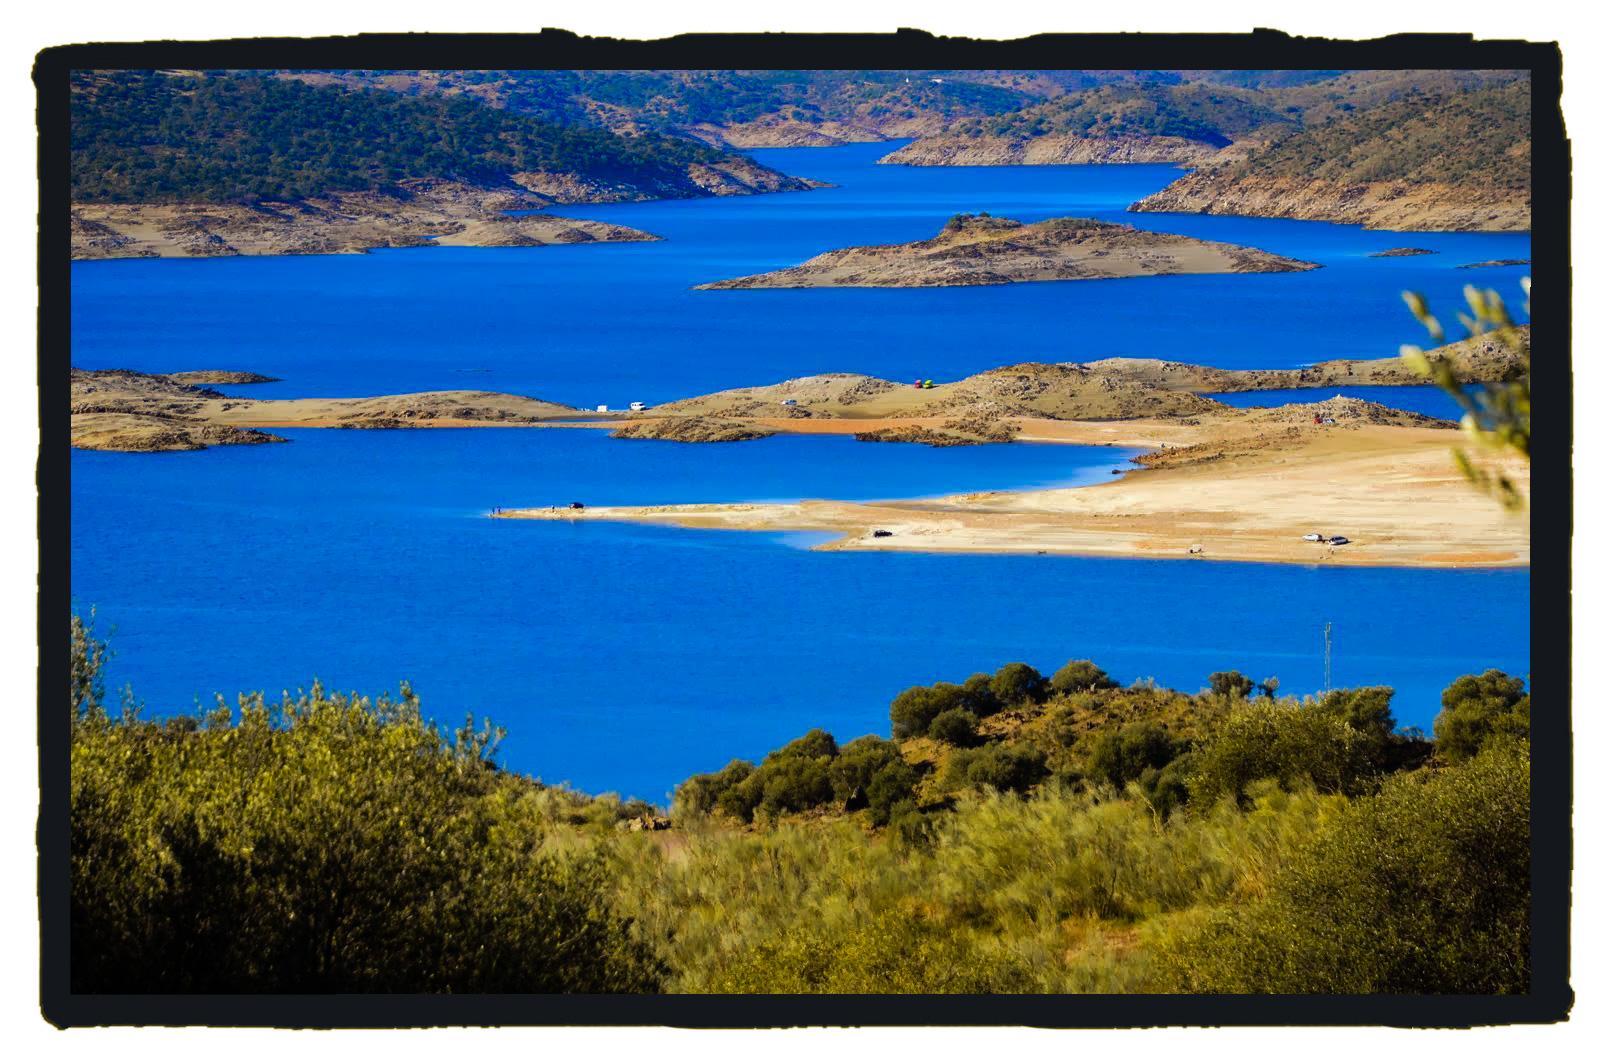 Entre estas aguas azules se mueve la sirena de Garrovillas.